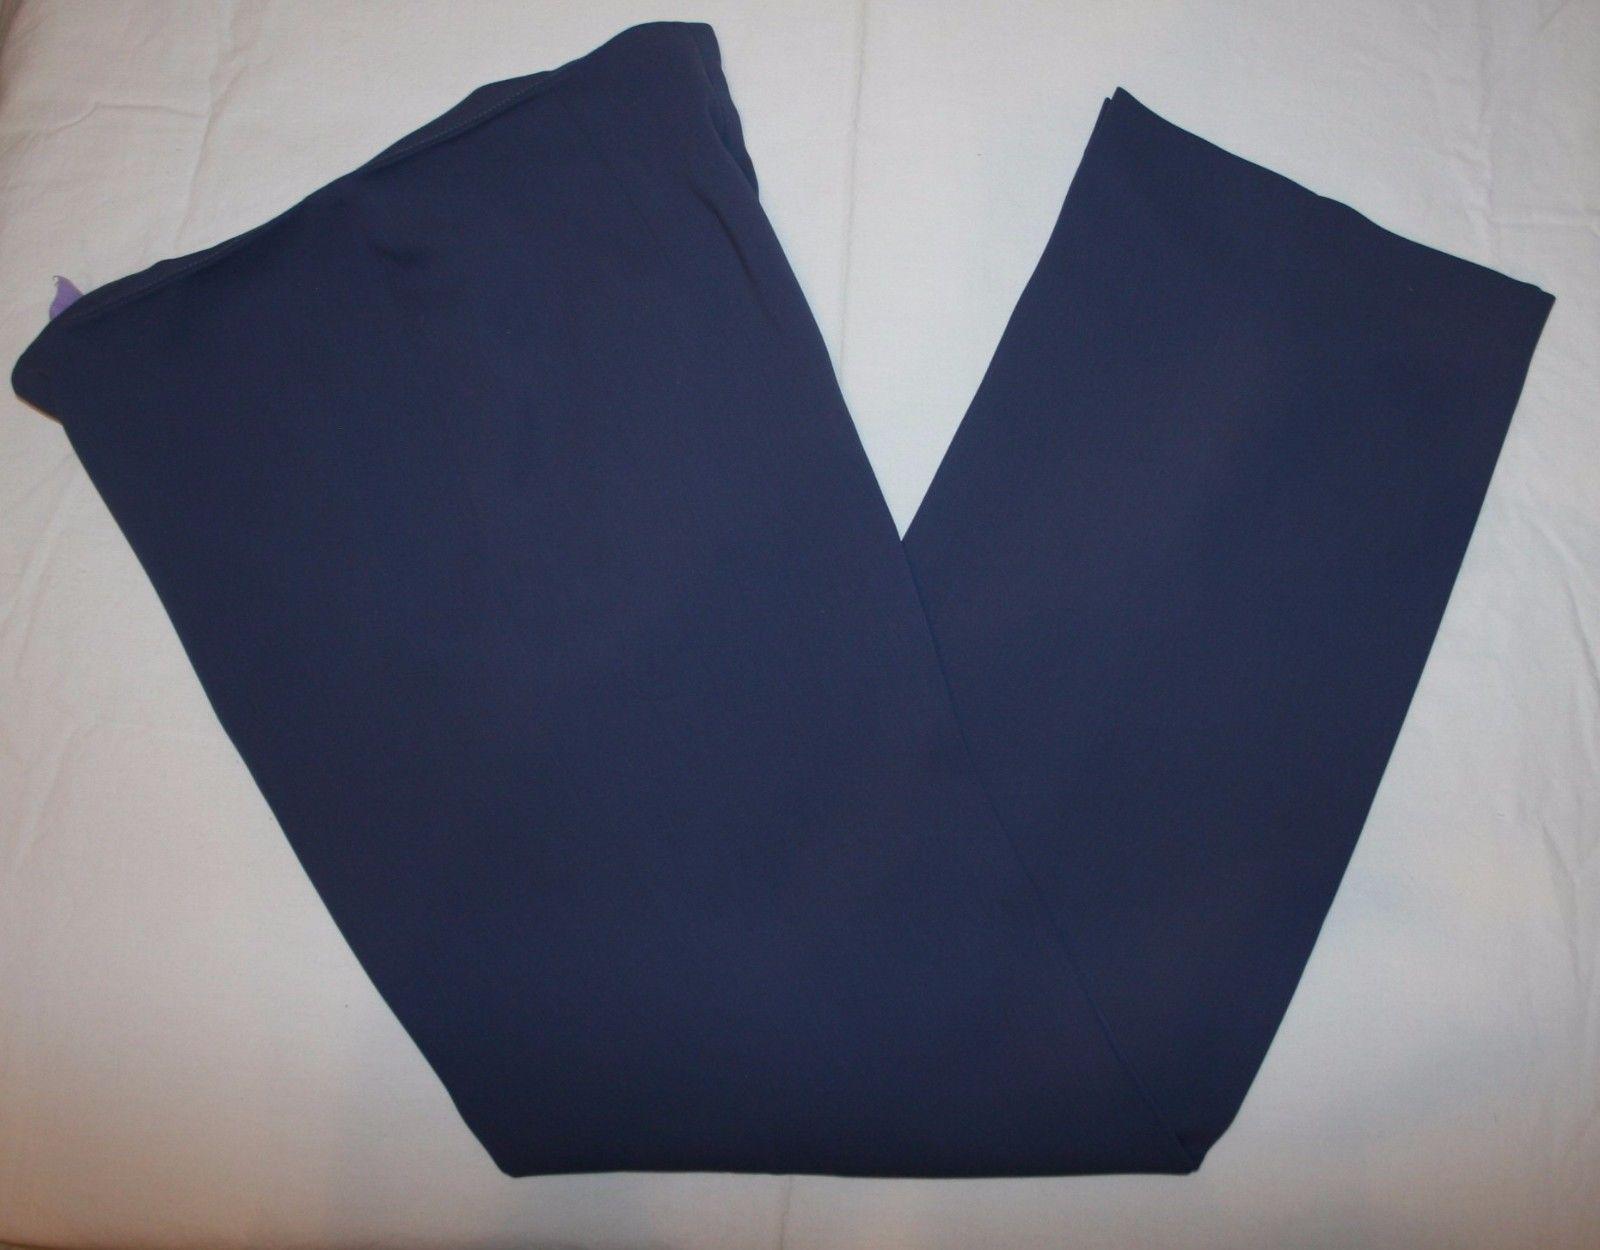 Votre Nom Sz 8 Womens Blue Dress Pants Flat Front